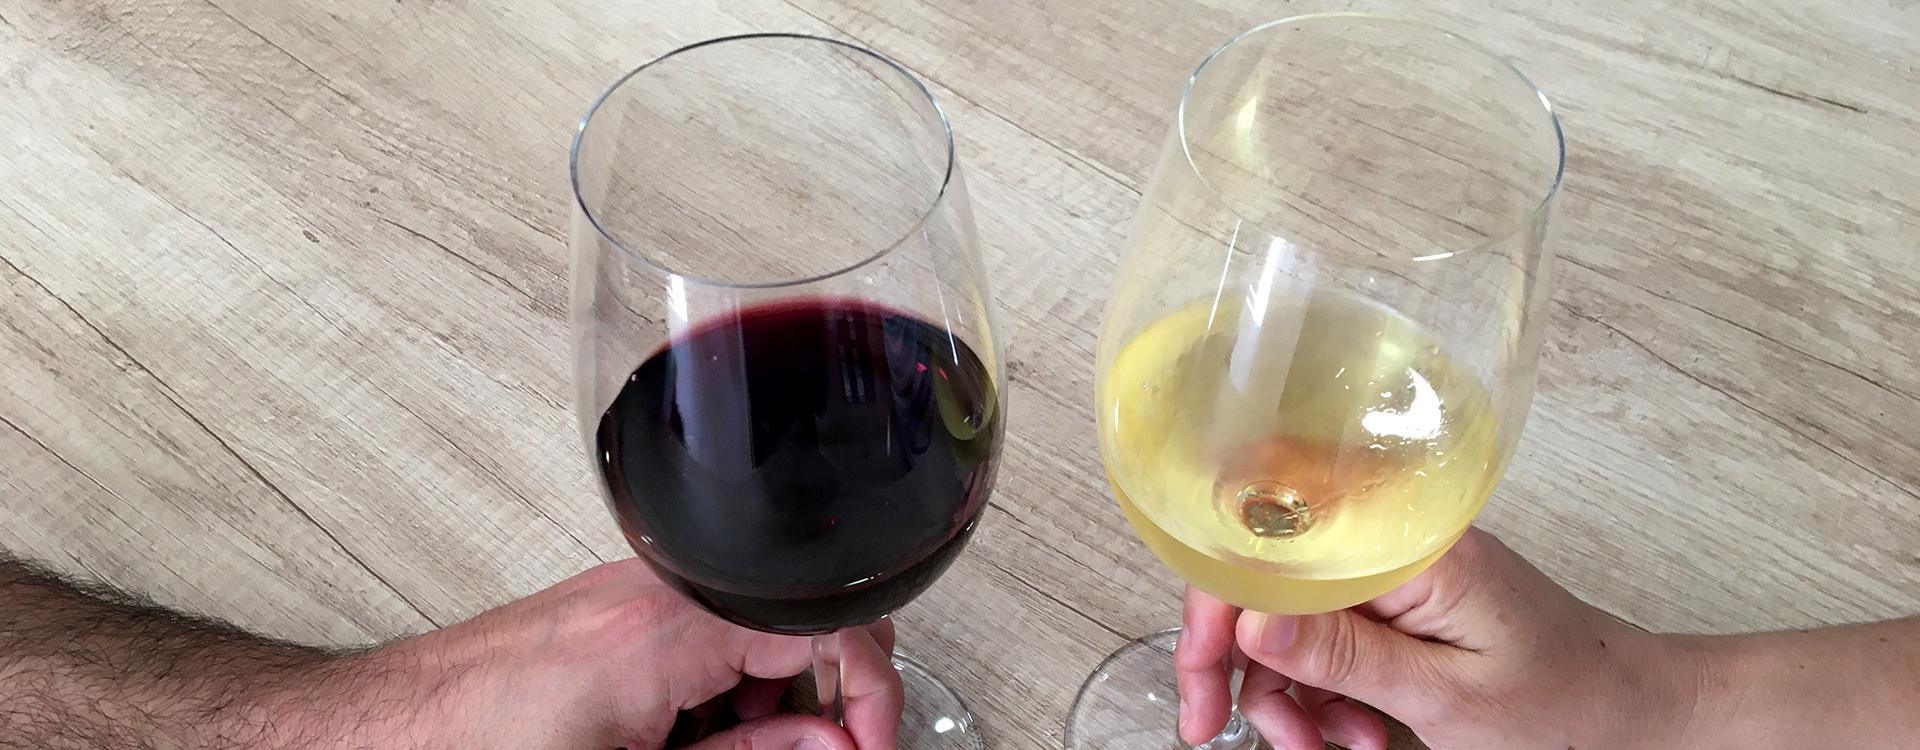 Gostamos (quase) sempre do mesmo vinho